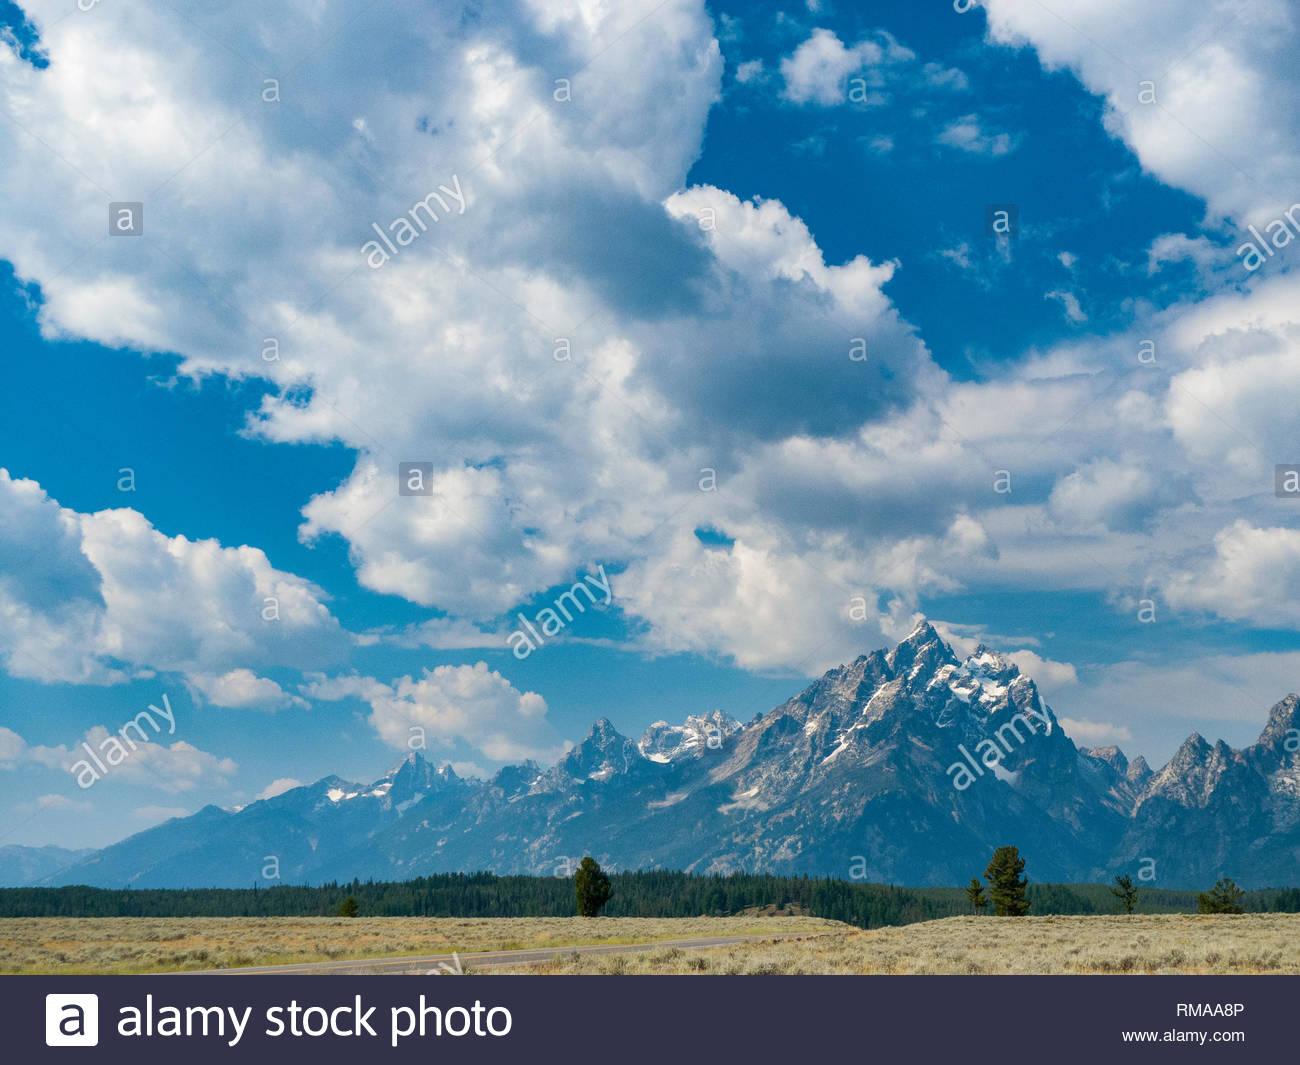 View of Grand Teton mountain peak from the Mount Moran Turnout, Grand Teton National Park, Teton County, Wyoming, USA - Stock Image